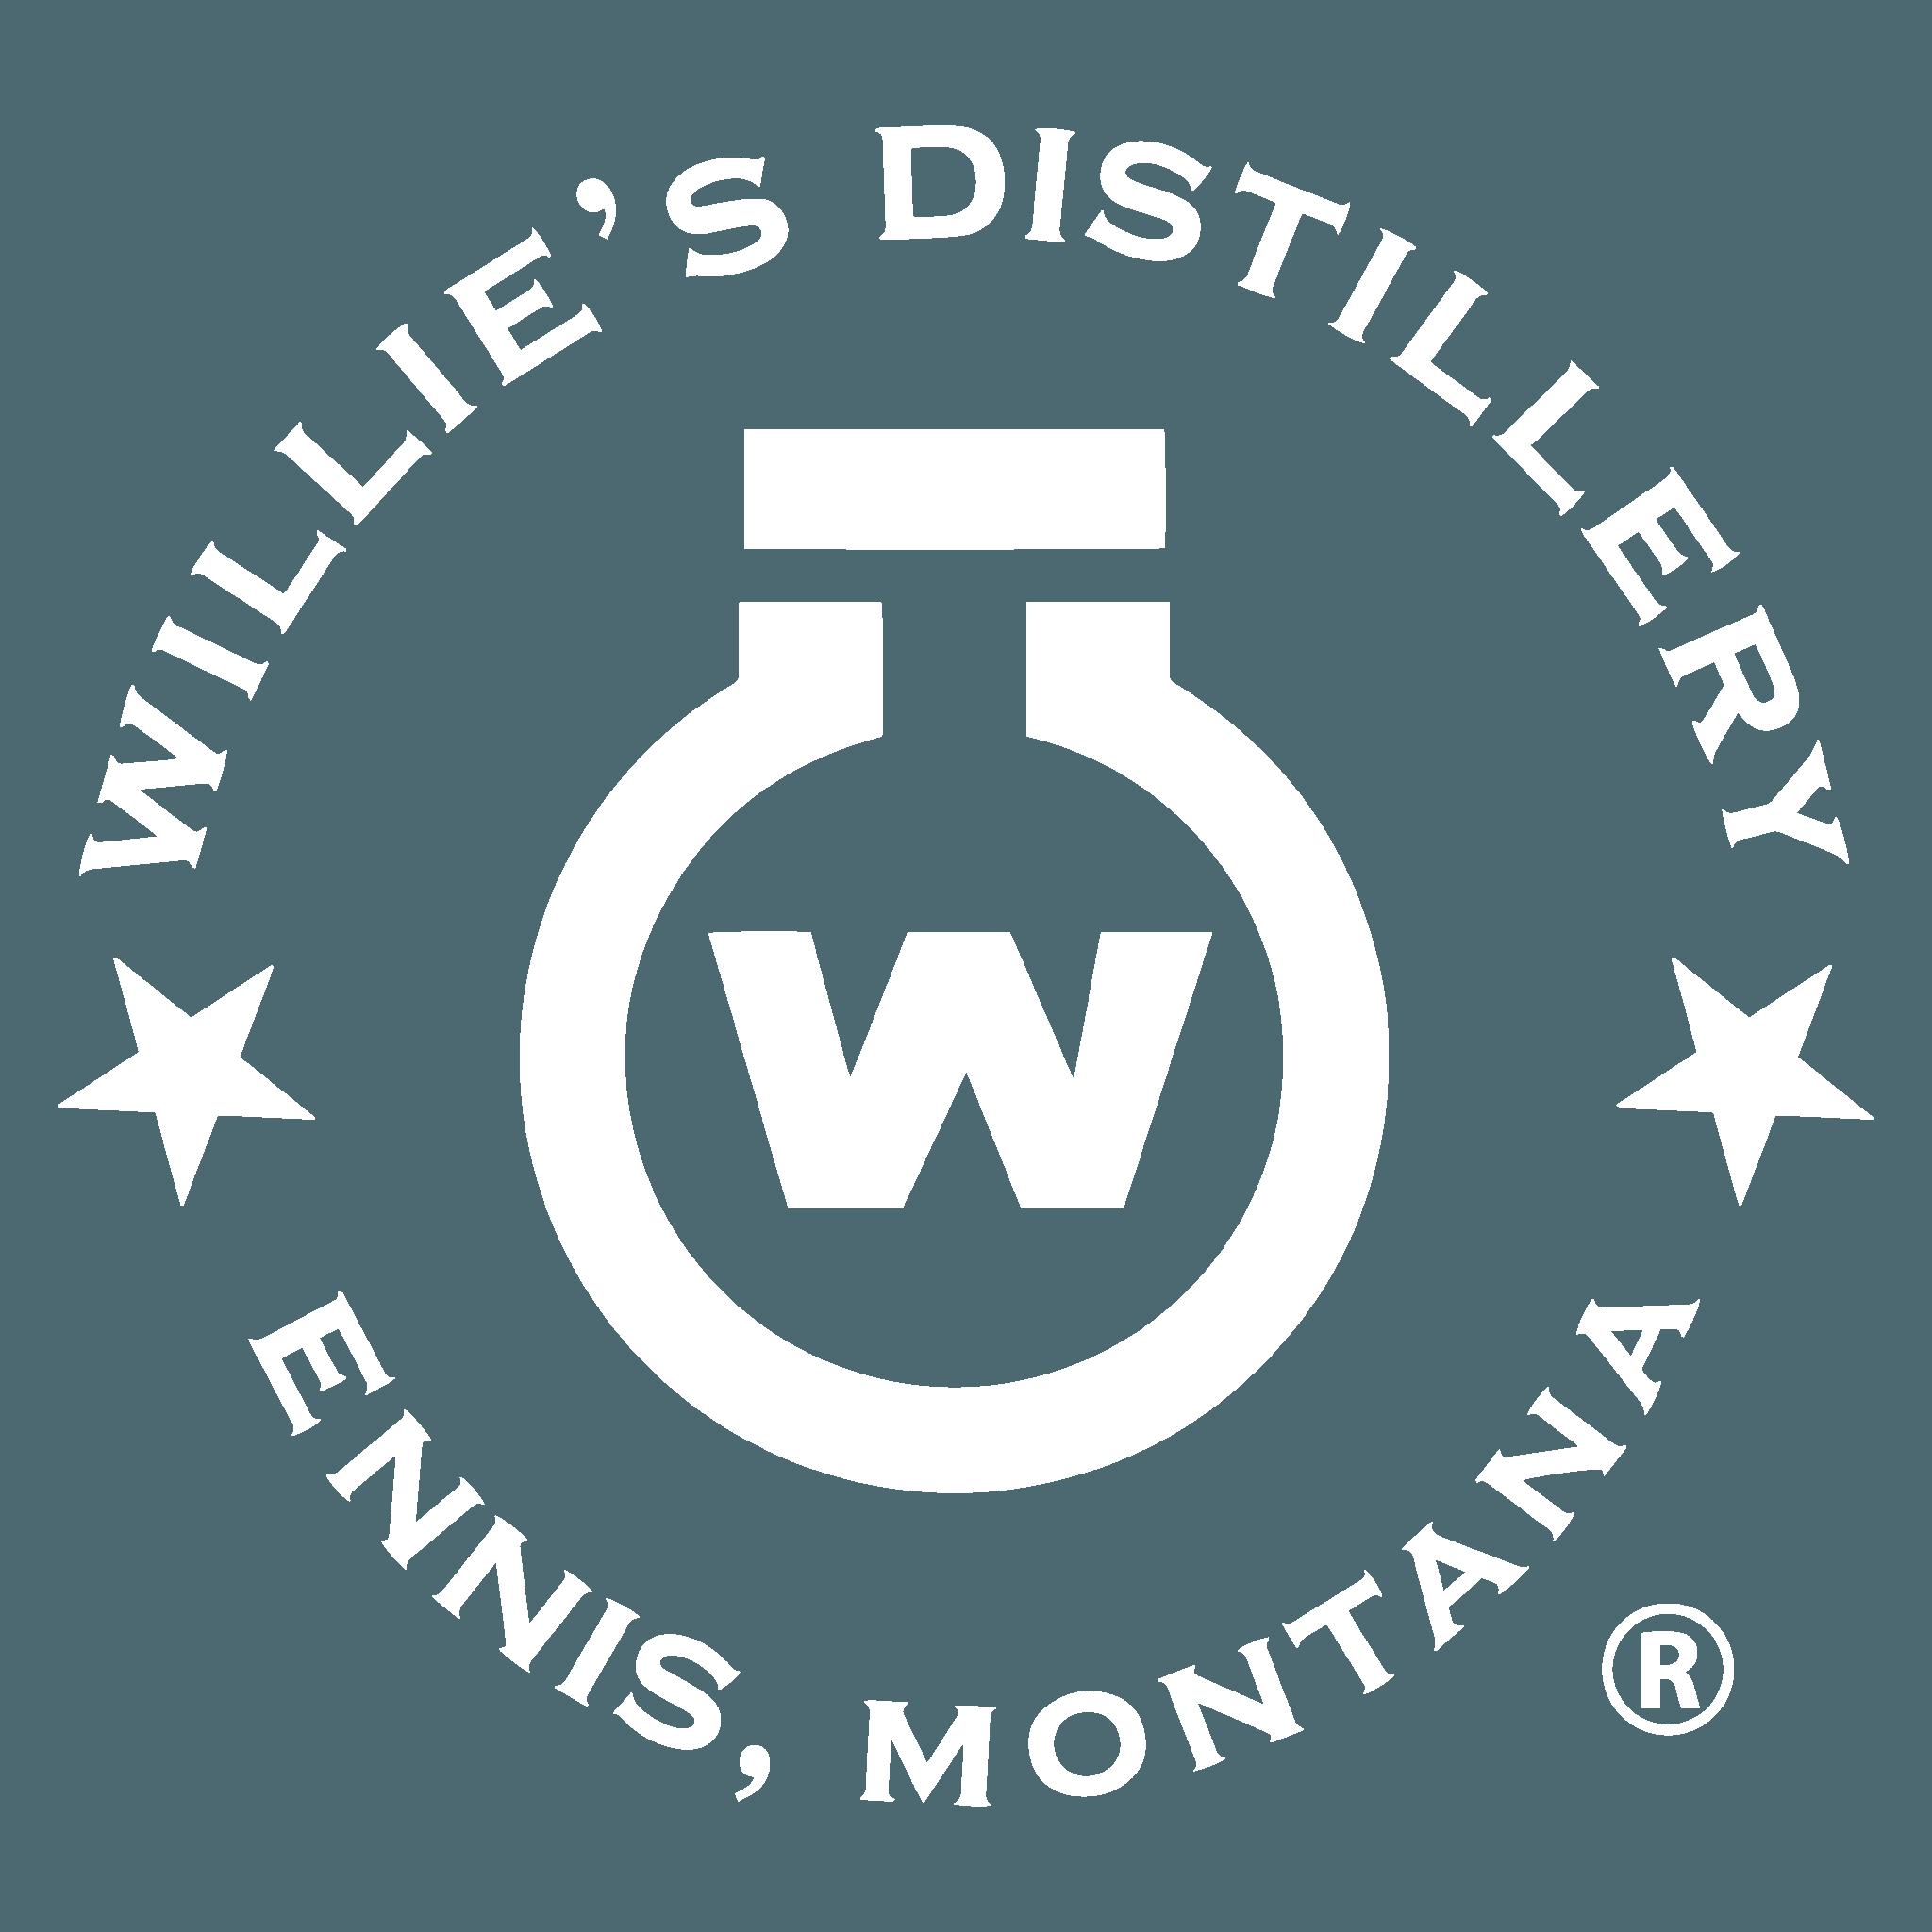 Willies Distillery